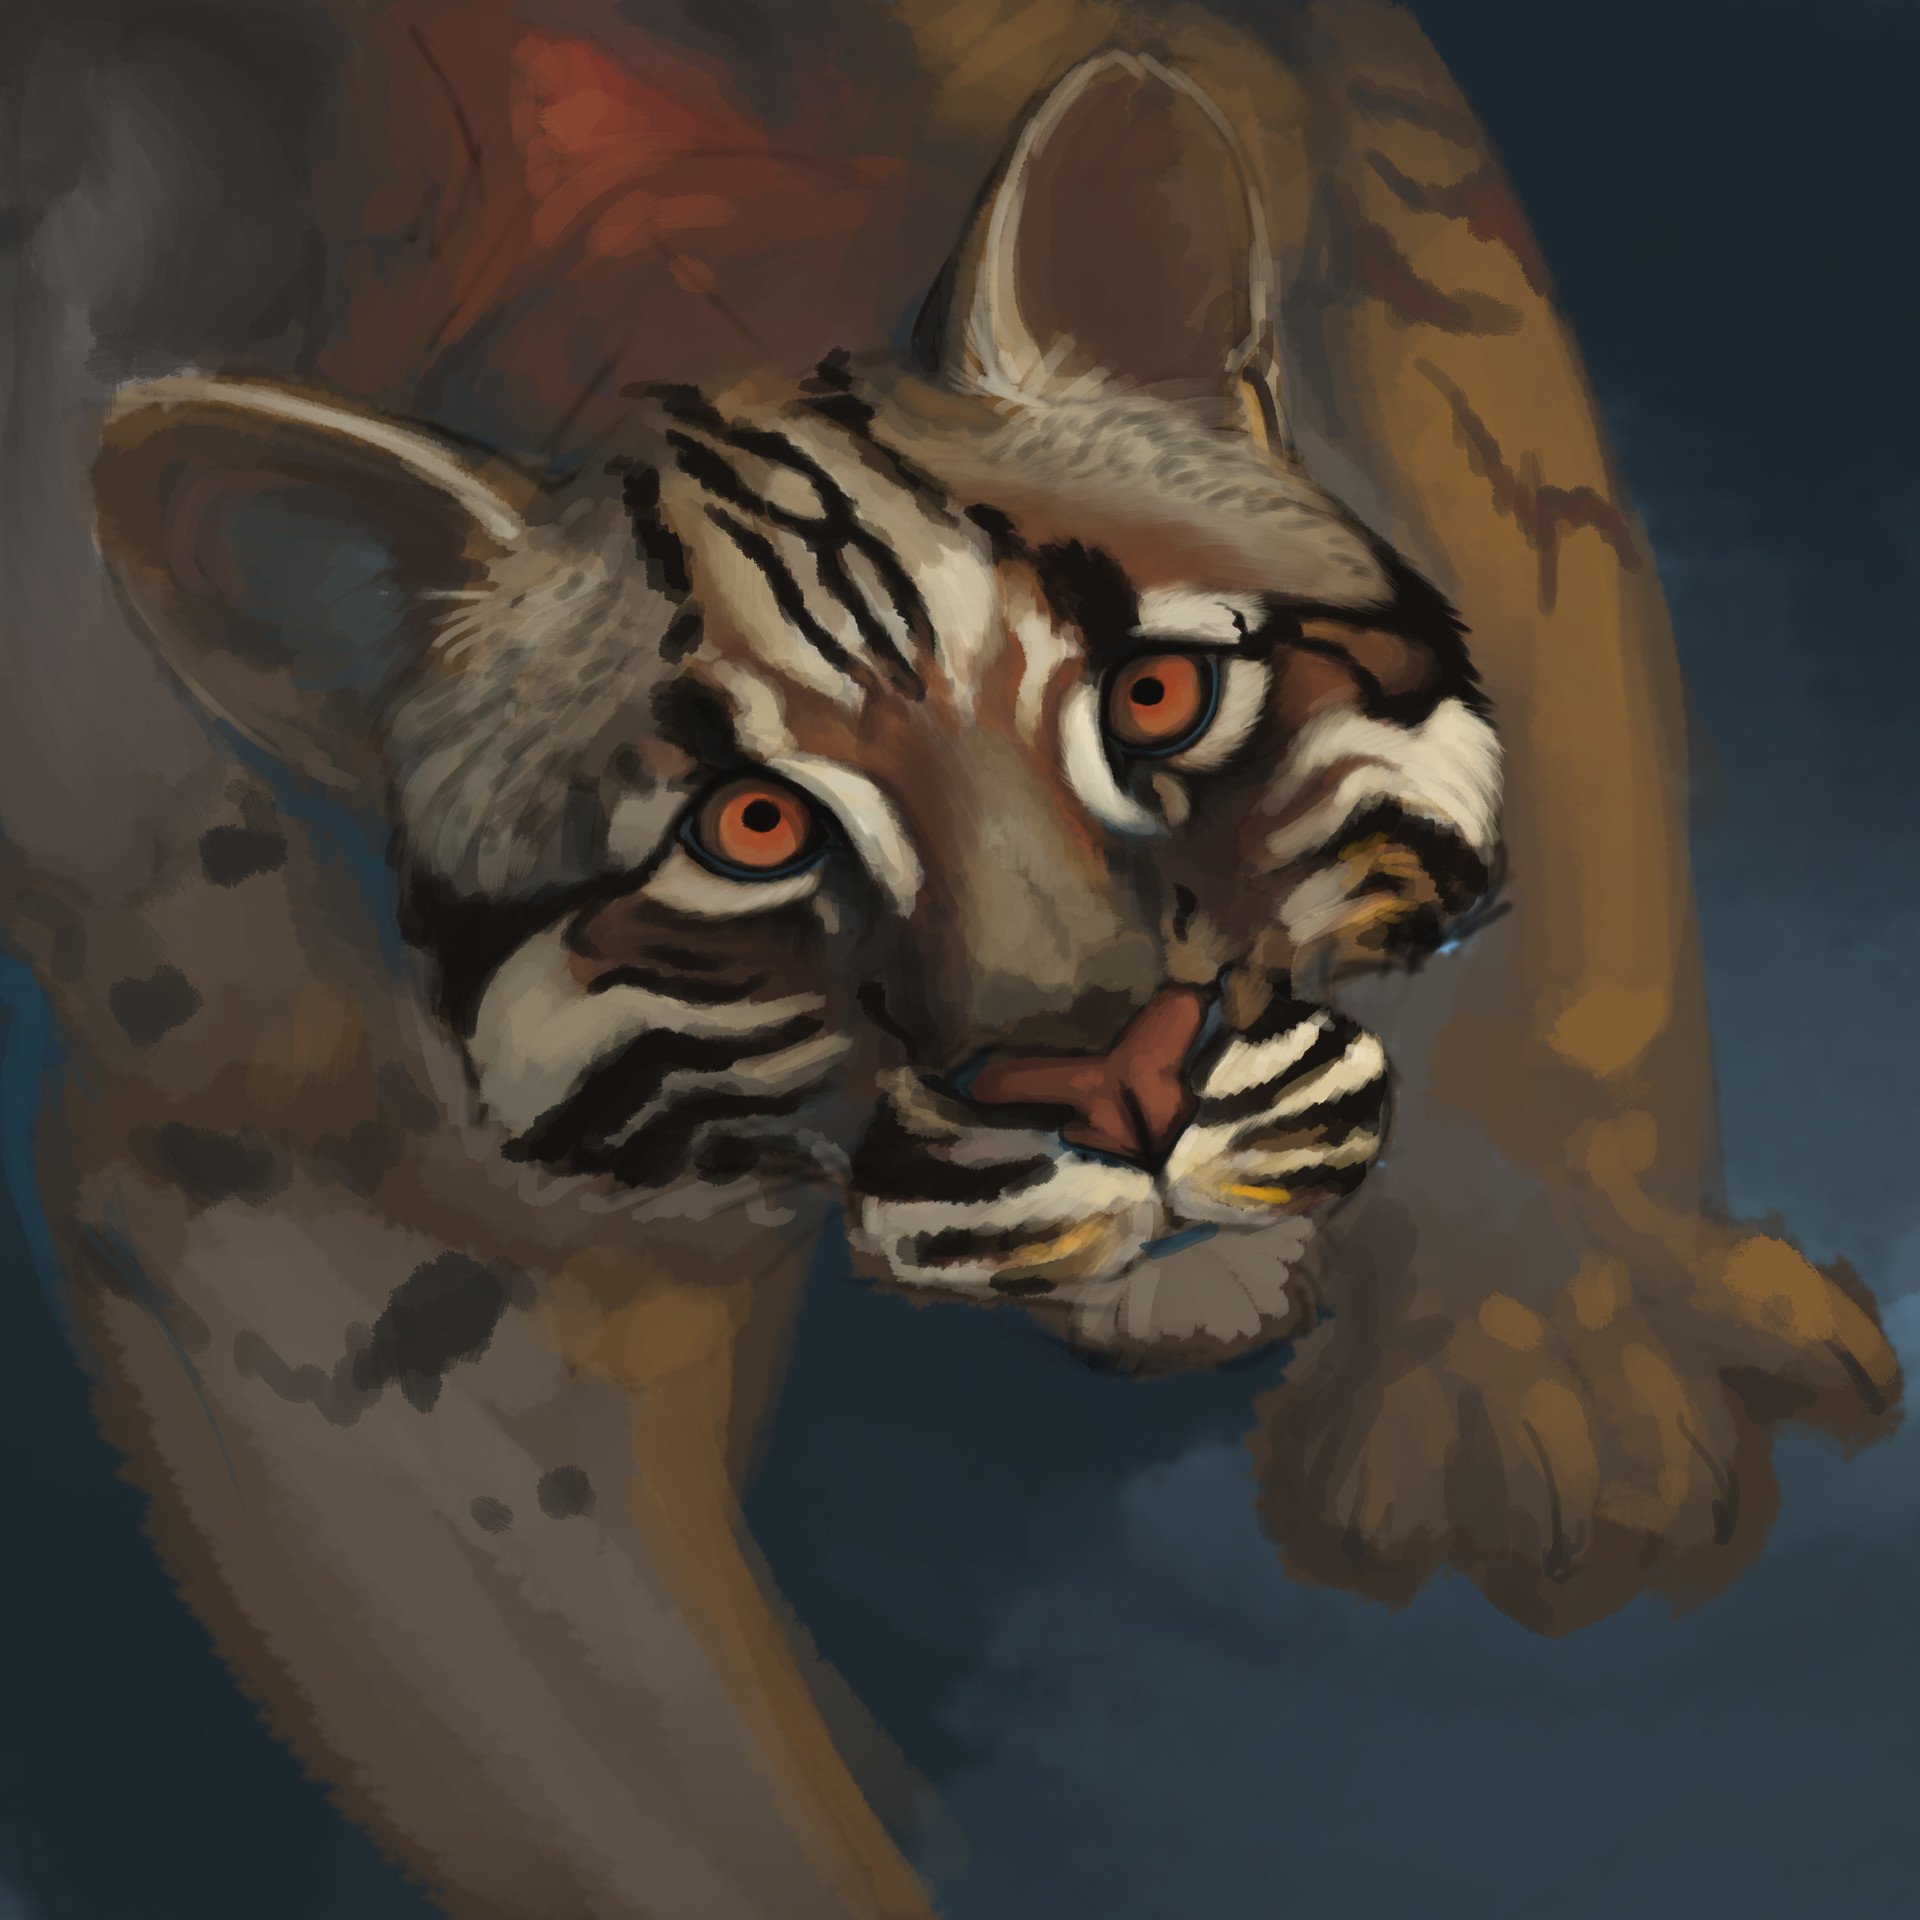 Meagen ruttan asianleopardcat meagenruttan 002